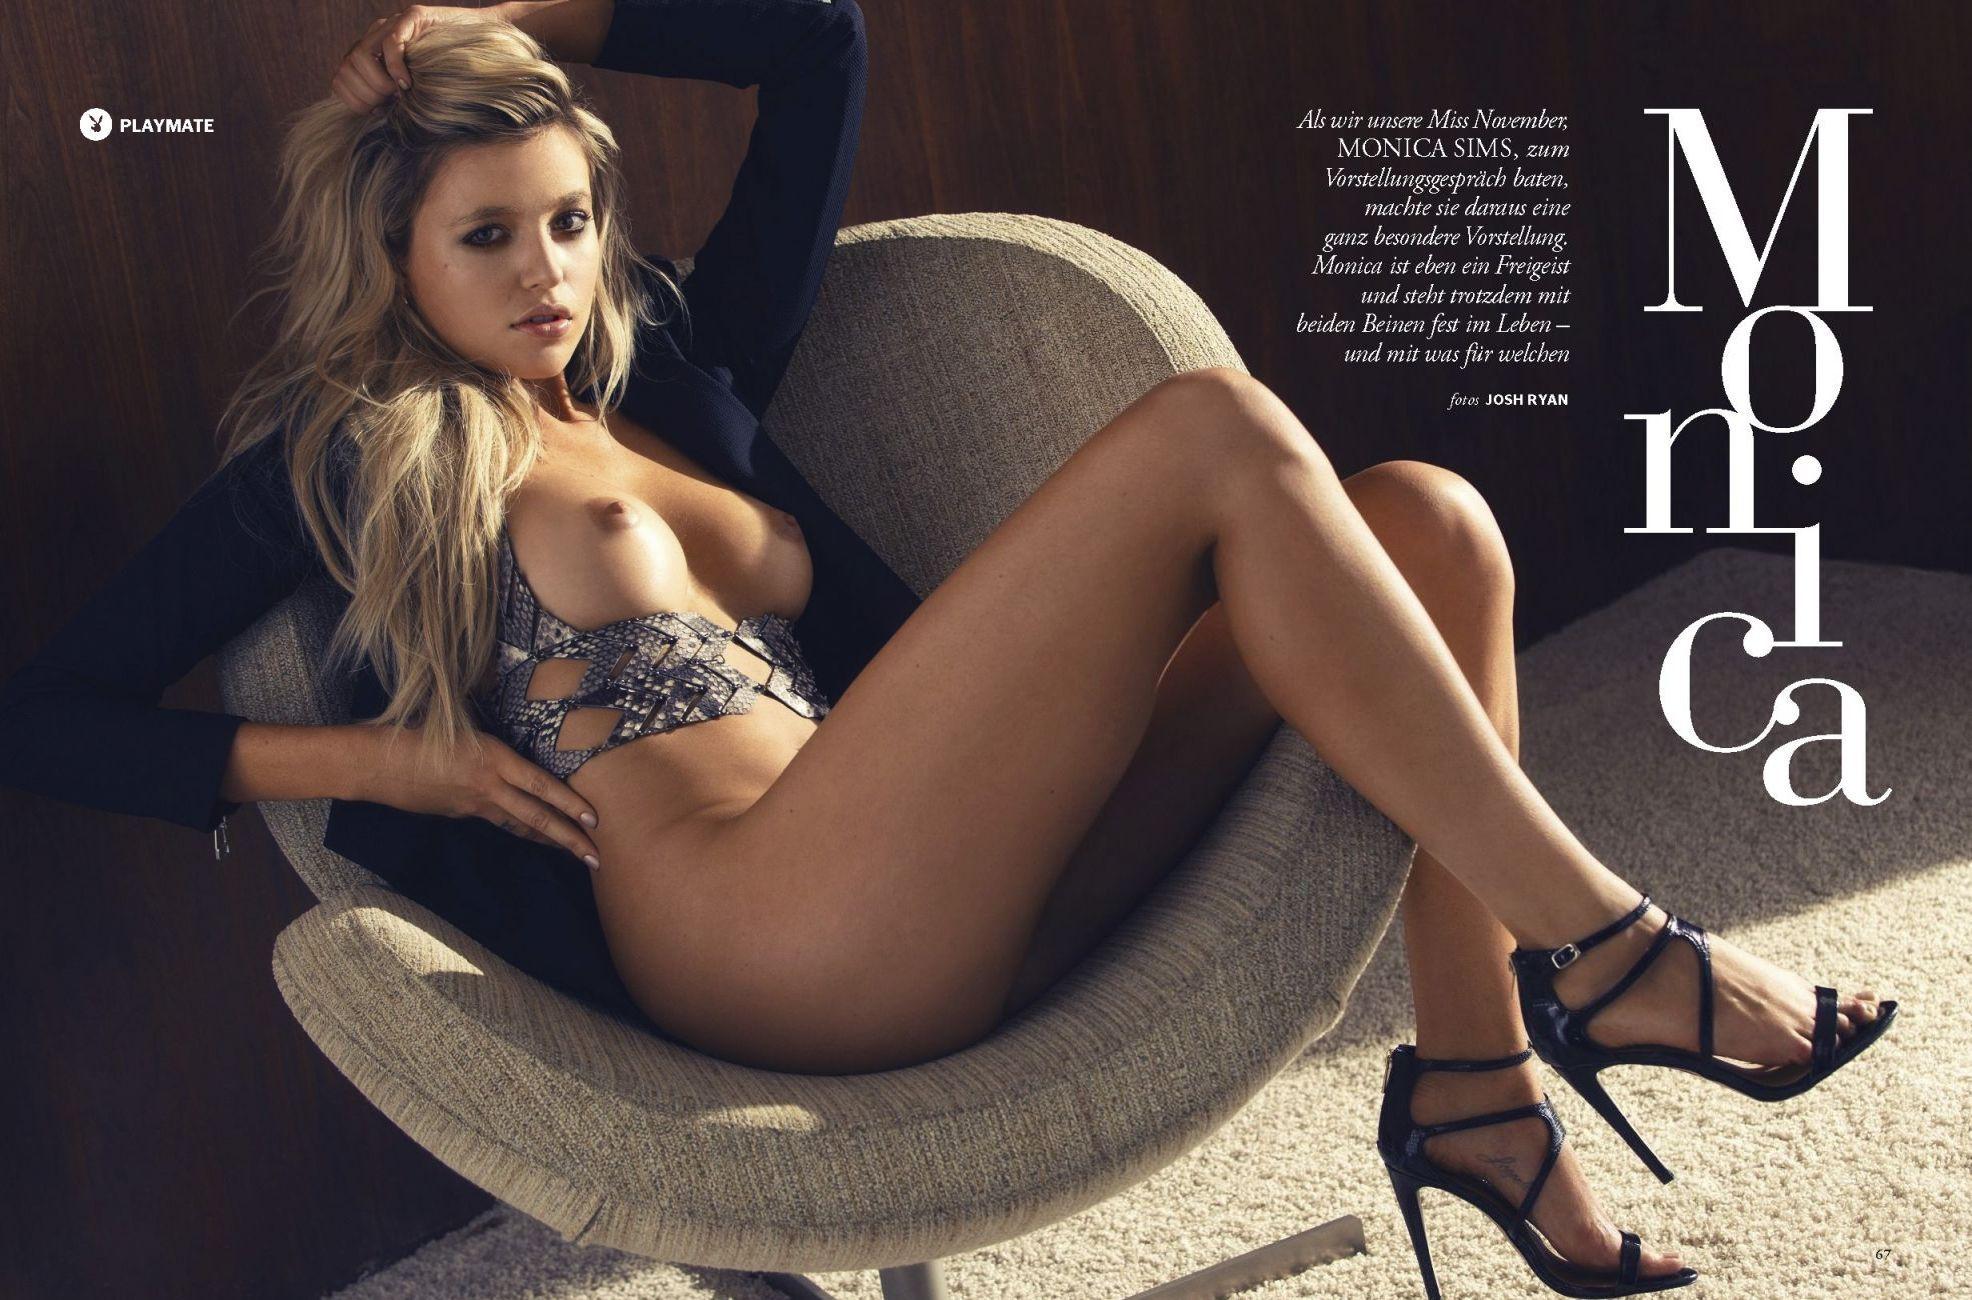 Monica Sims nude (53 foto and video), Ass, Hot, Feet, butt 2019